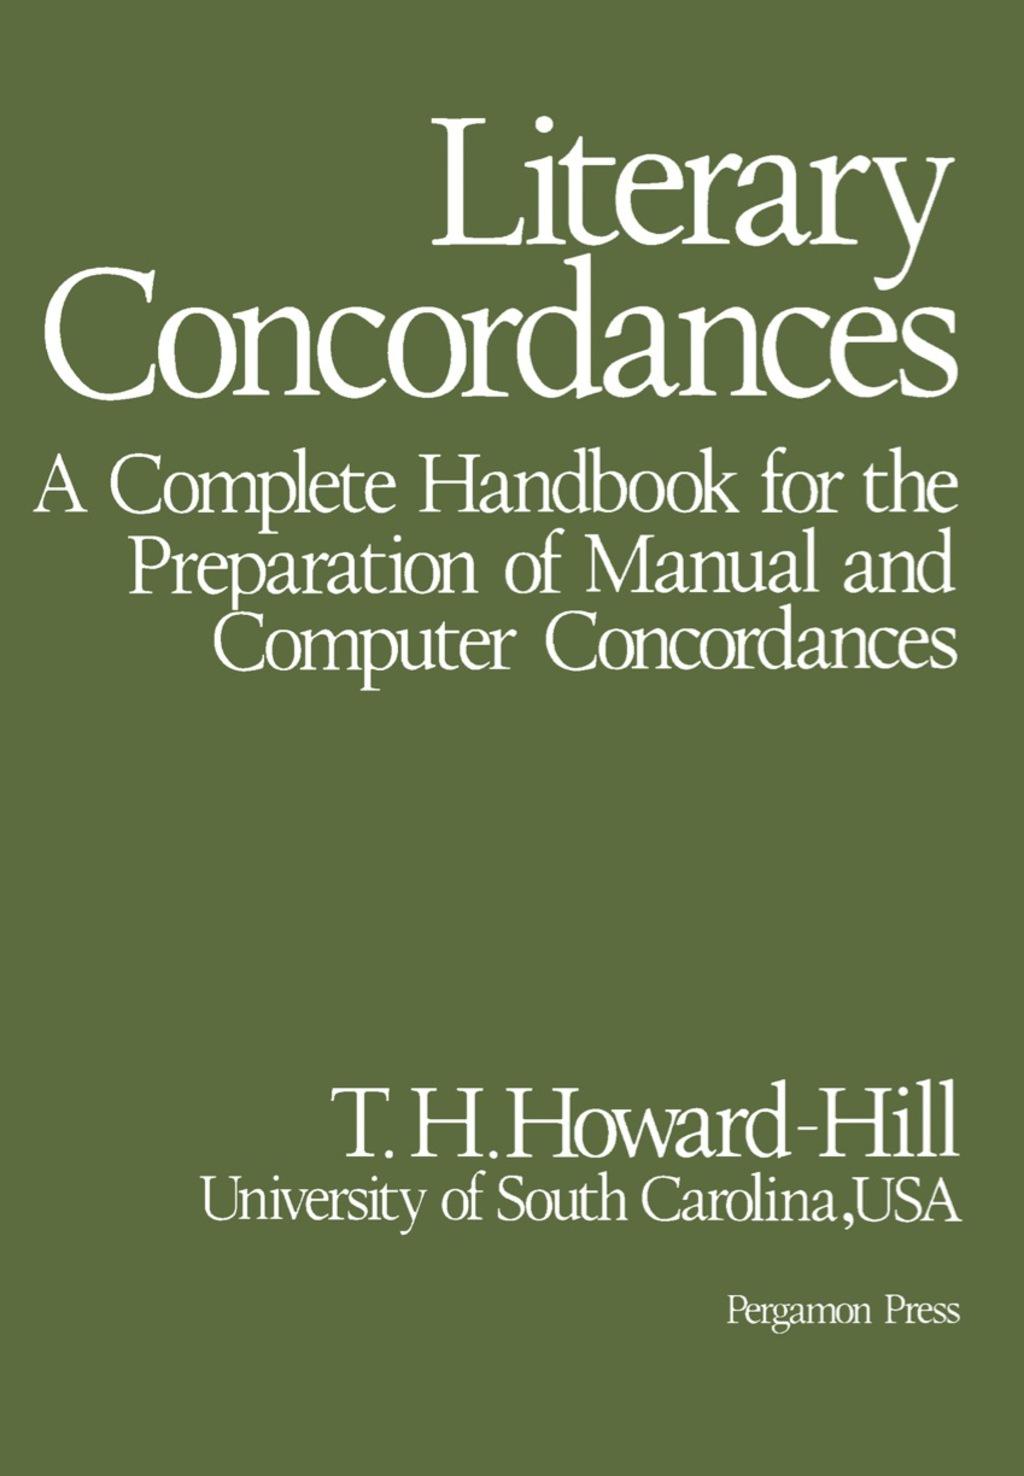 Literary Concordances (eBook)